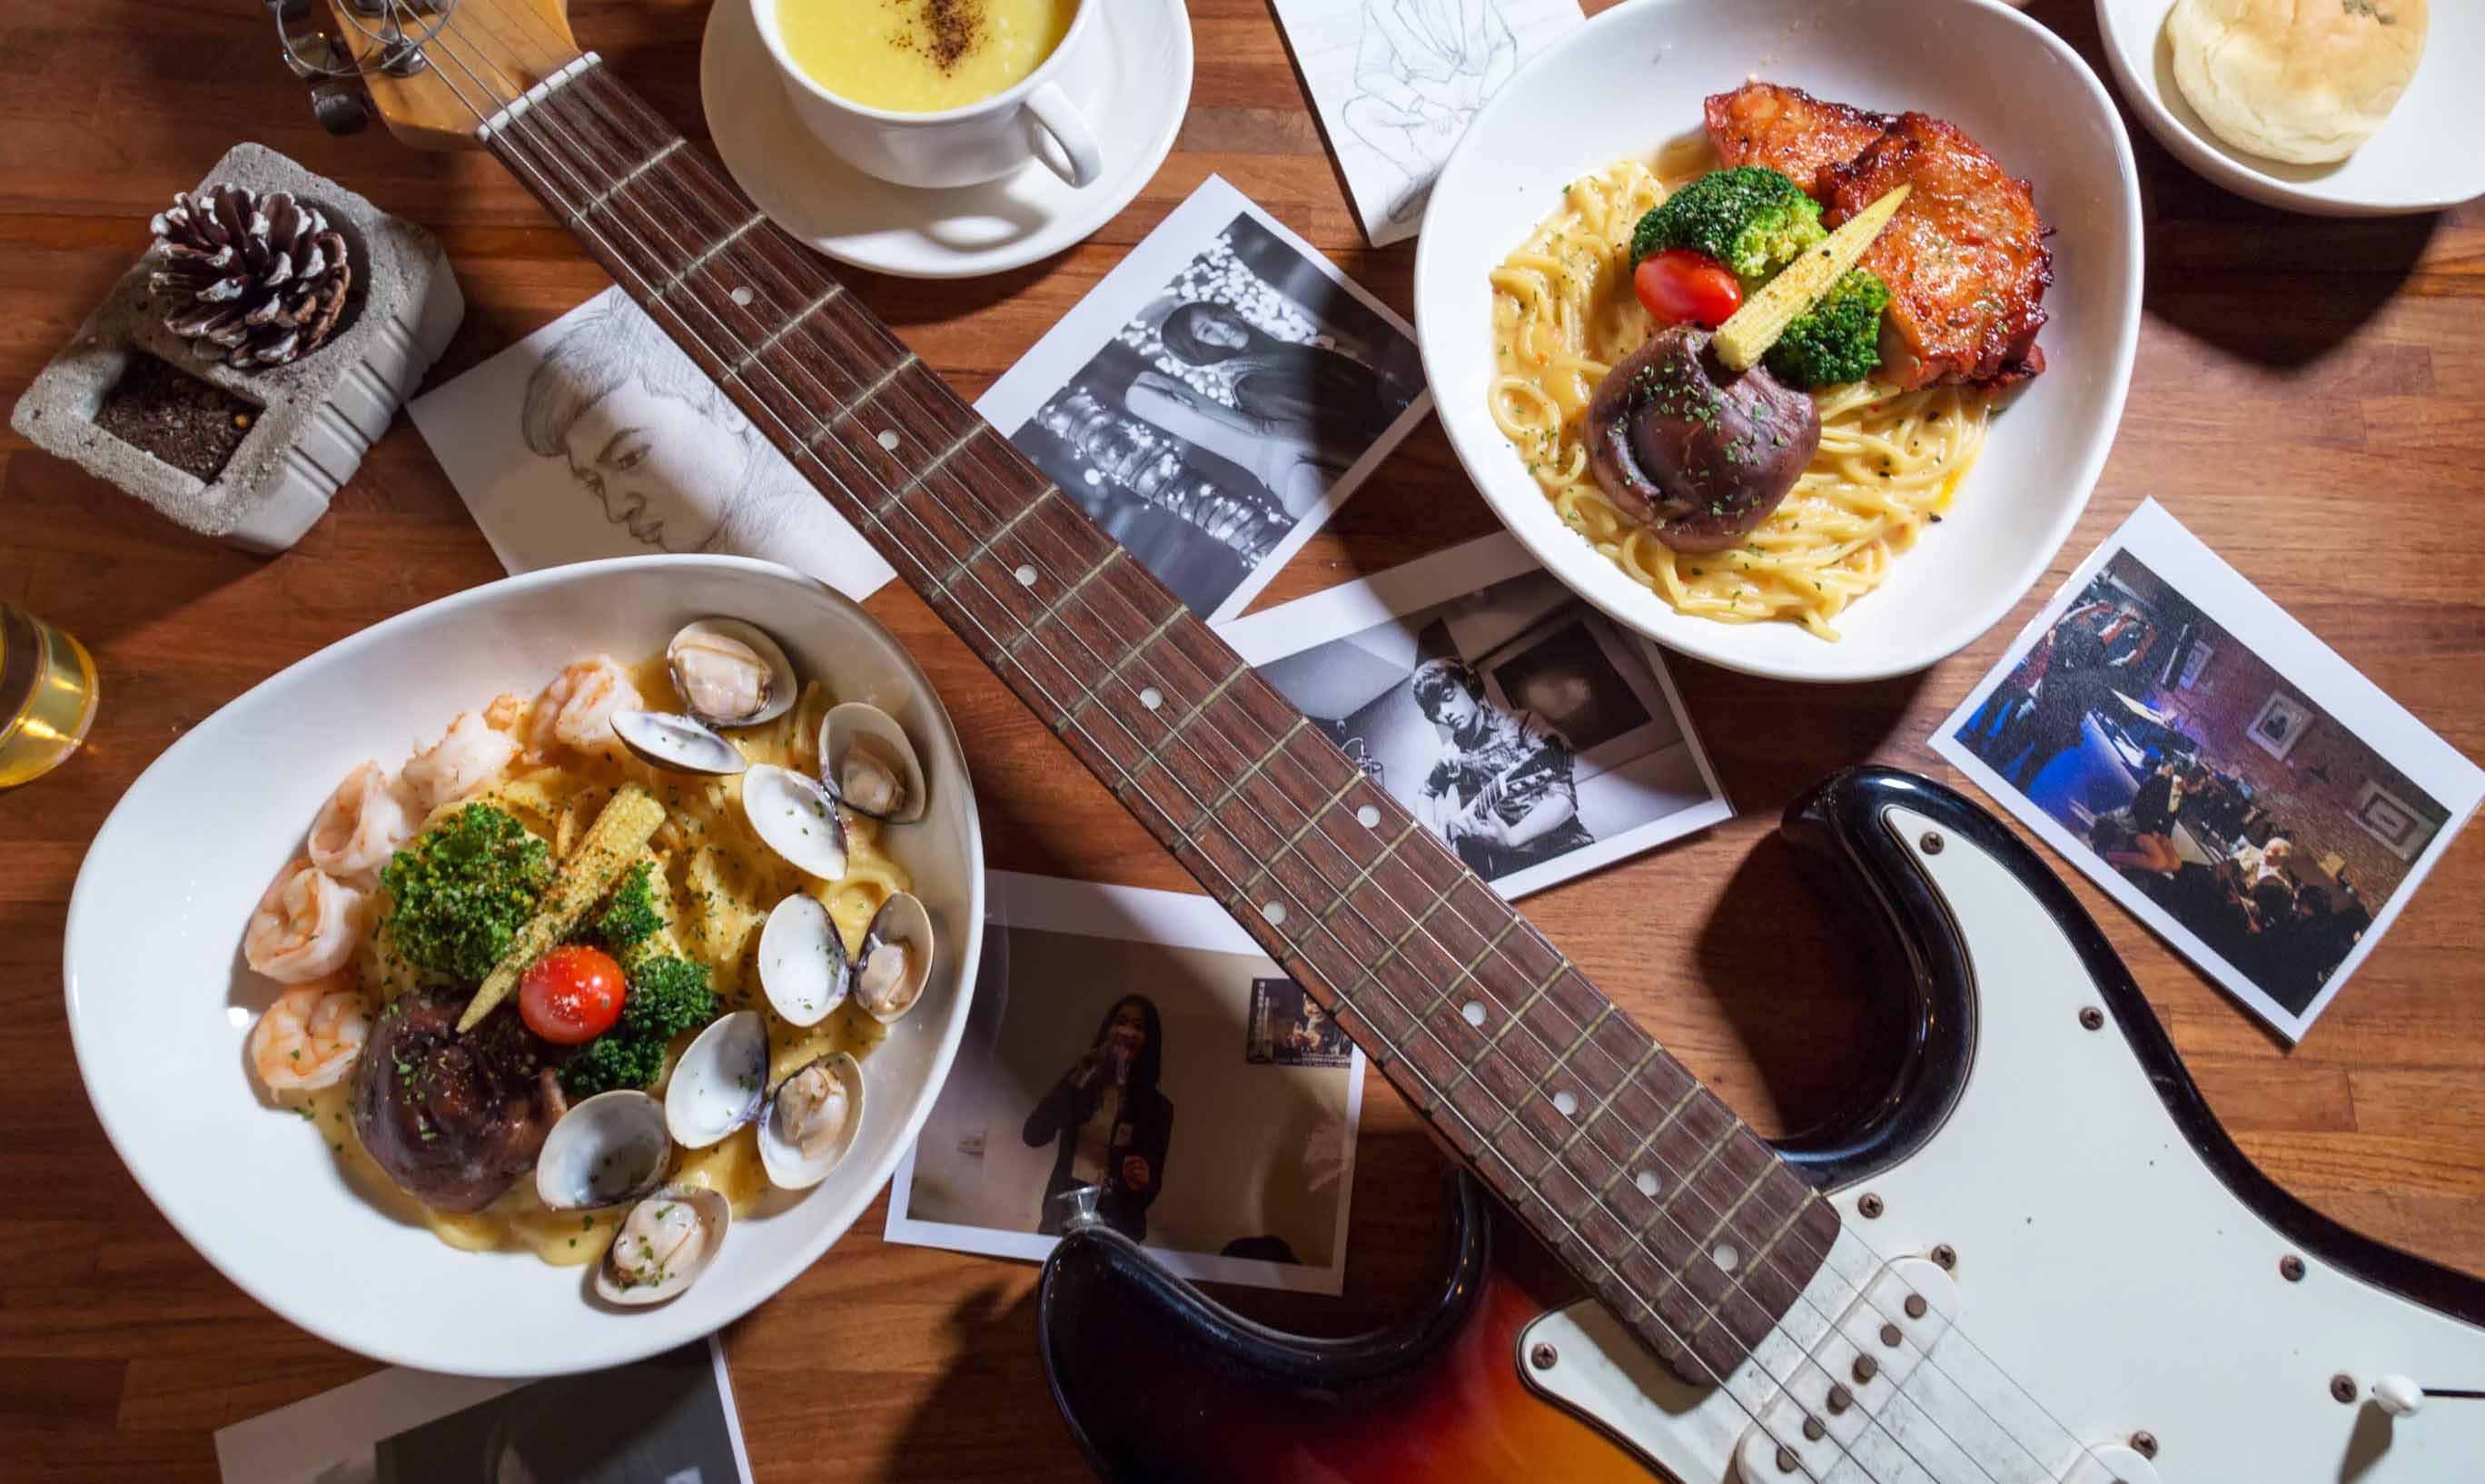 紅磚音樂餐廳-現場 400 元折抵|享受屬於你的夜